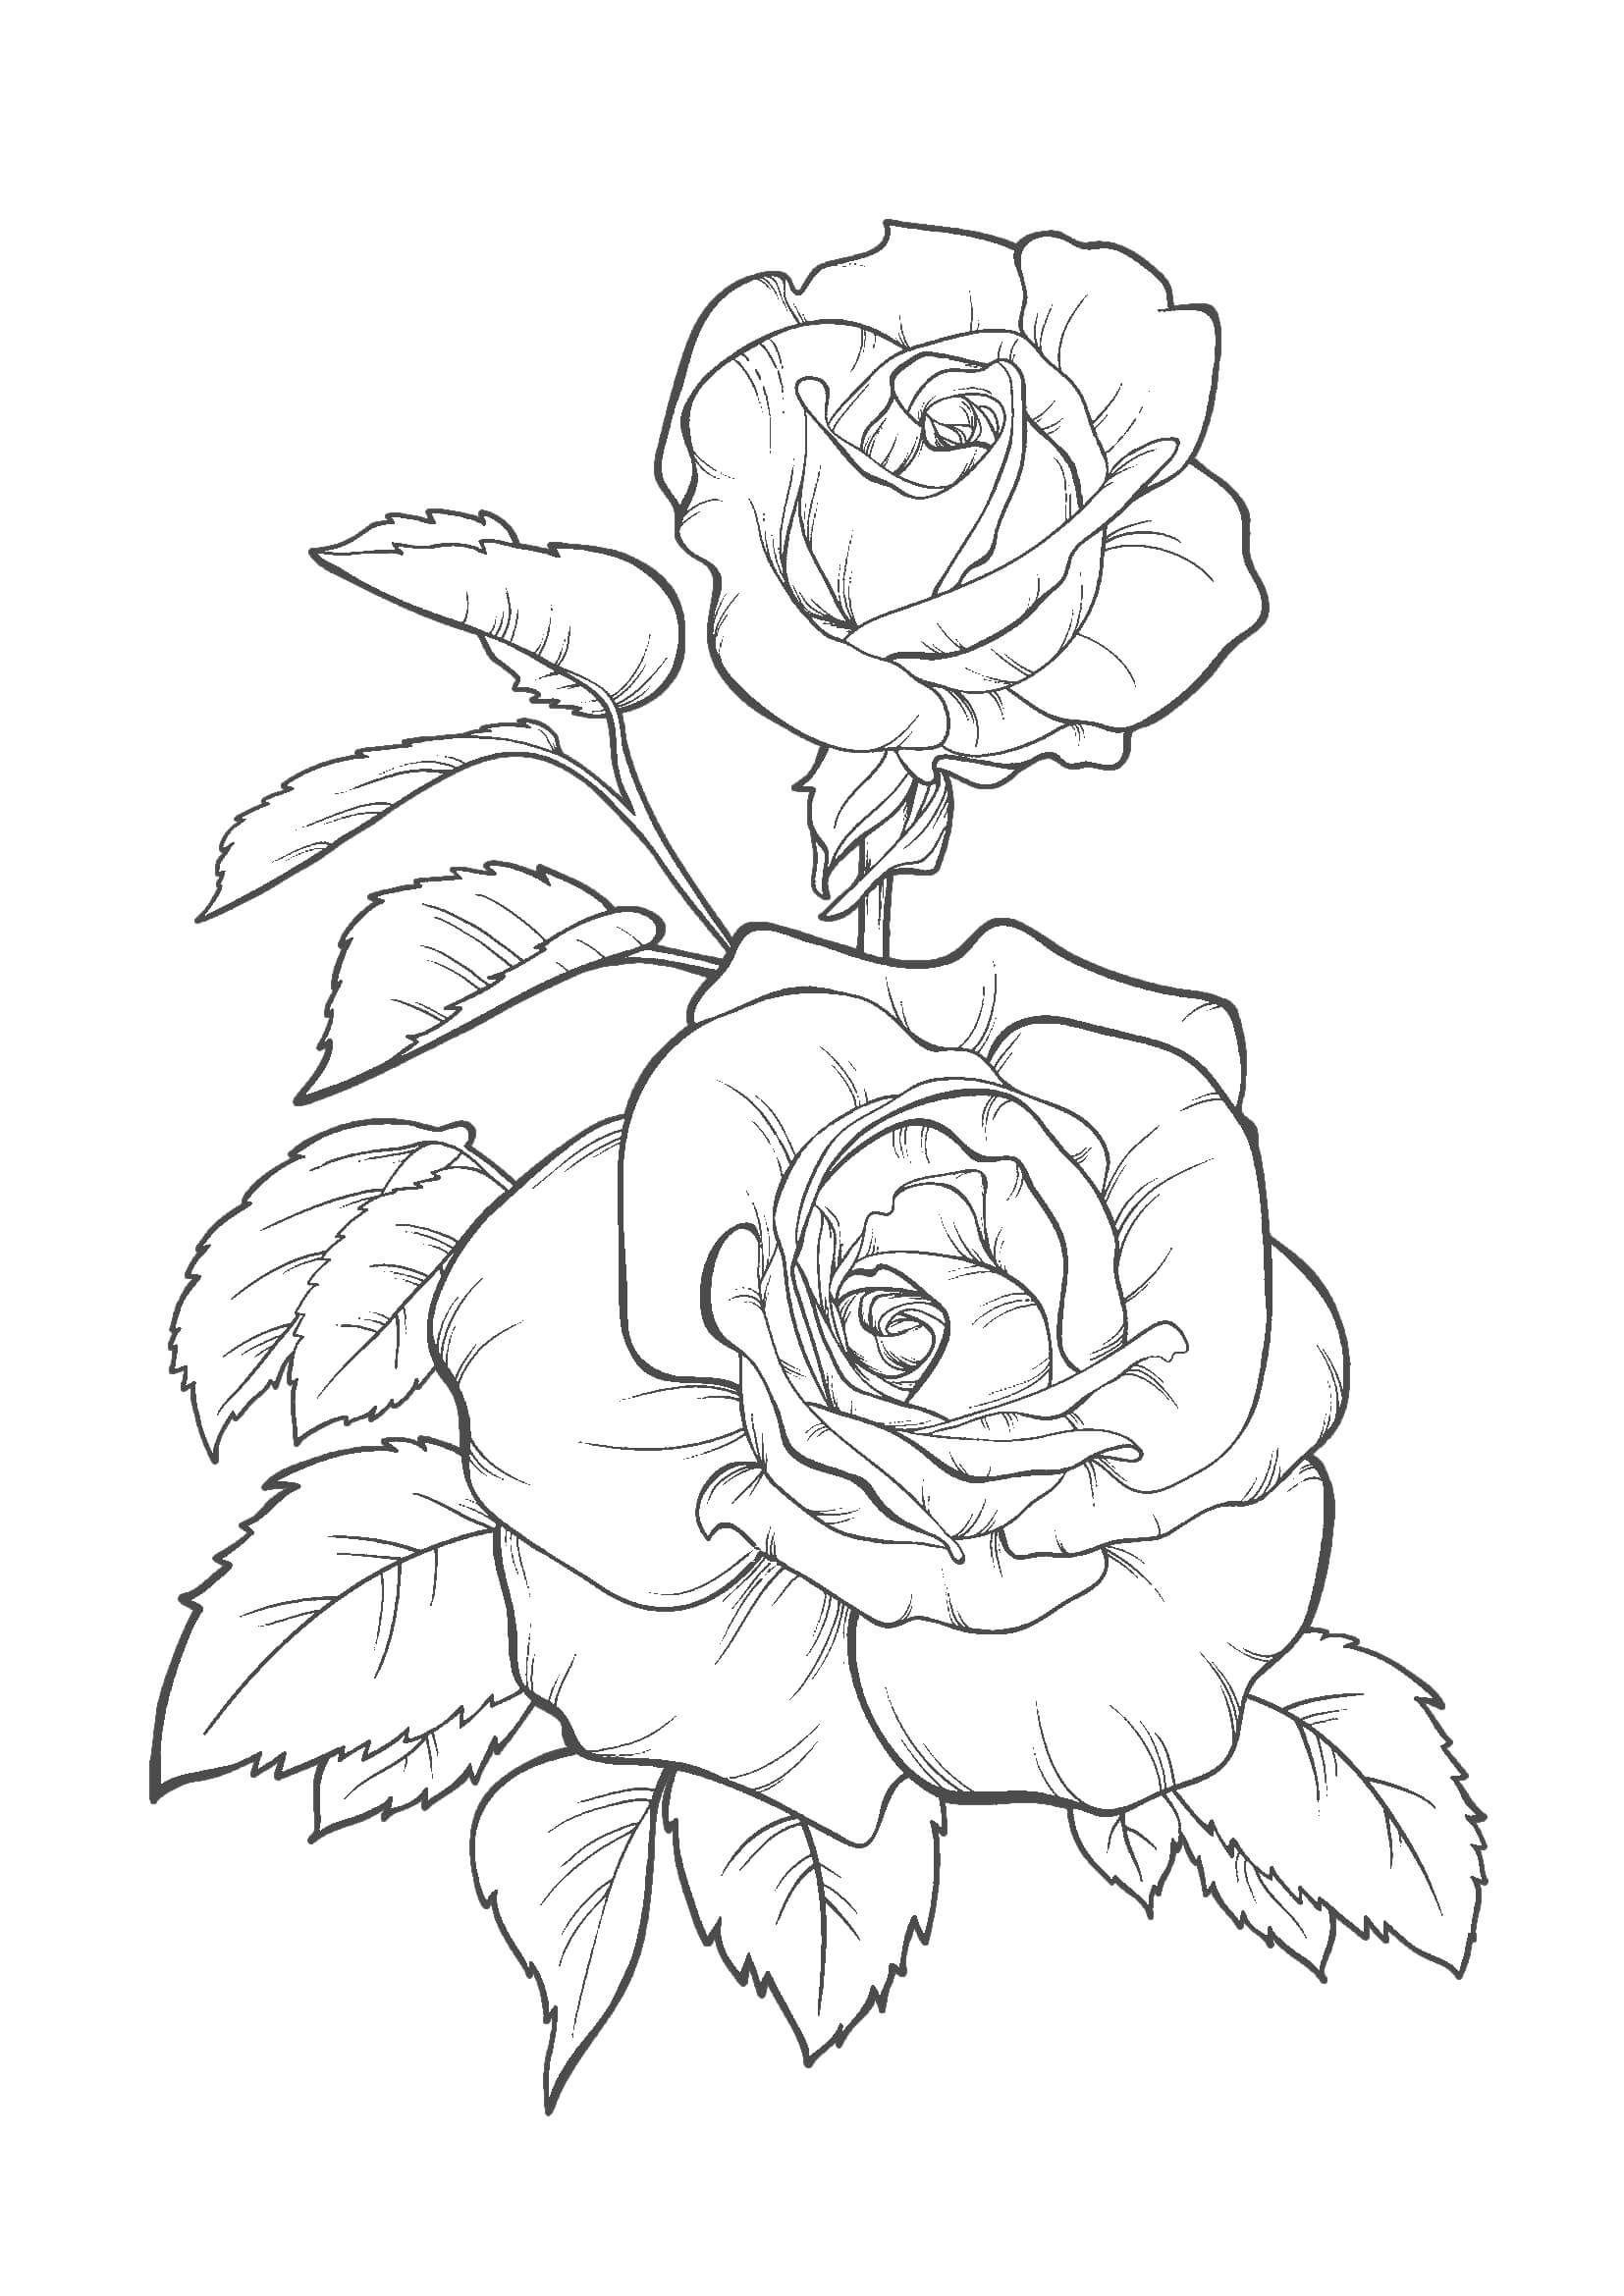 花01 A4無料印刷の大人のぬりえ バラ 描き方 花のドローイング 薔薇イラスト